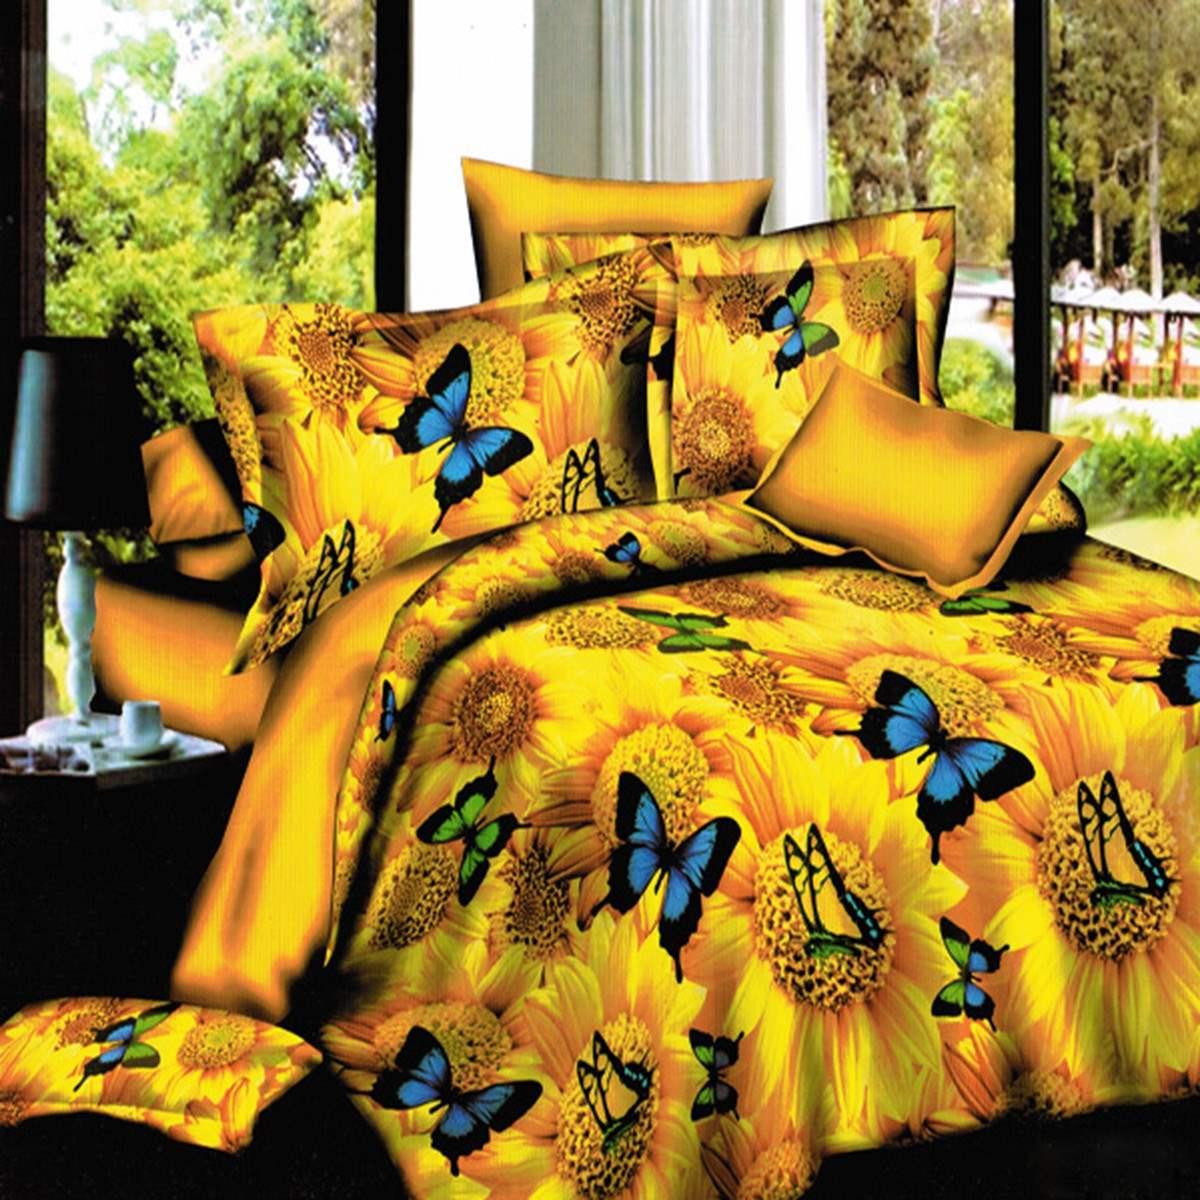 4Pcs 3D Polyester Printed Golden Sunflower Butterflies Queen Bedding Set Pillowcase+bed sheet+Duvet cover Home Texile(China (Mainland))